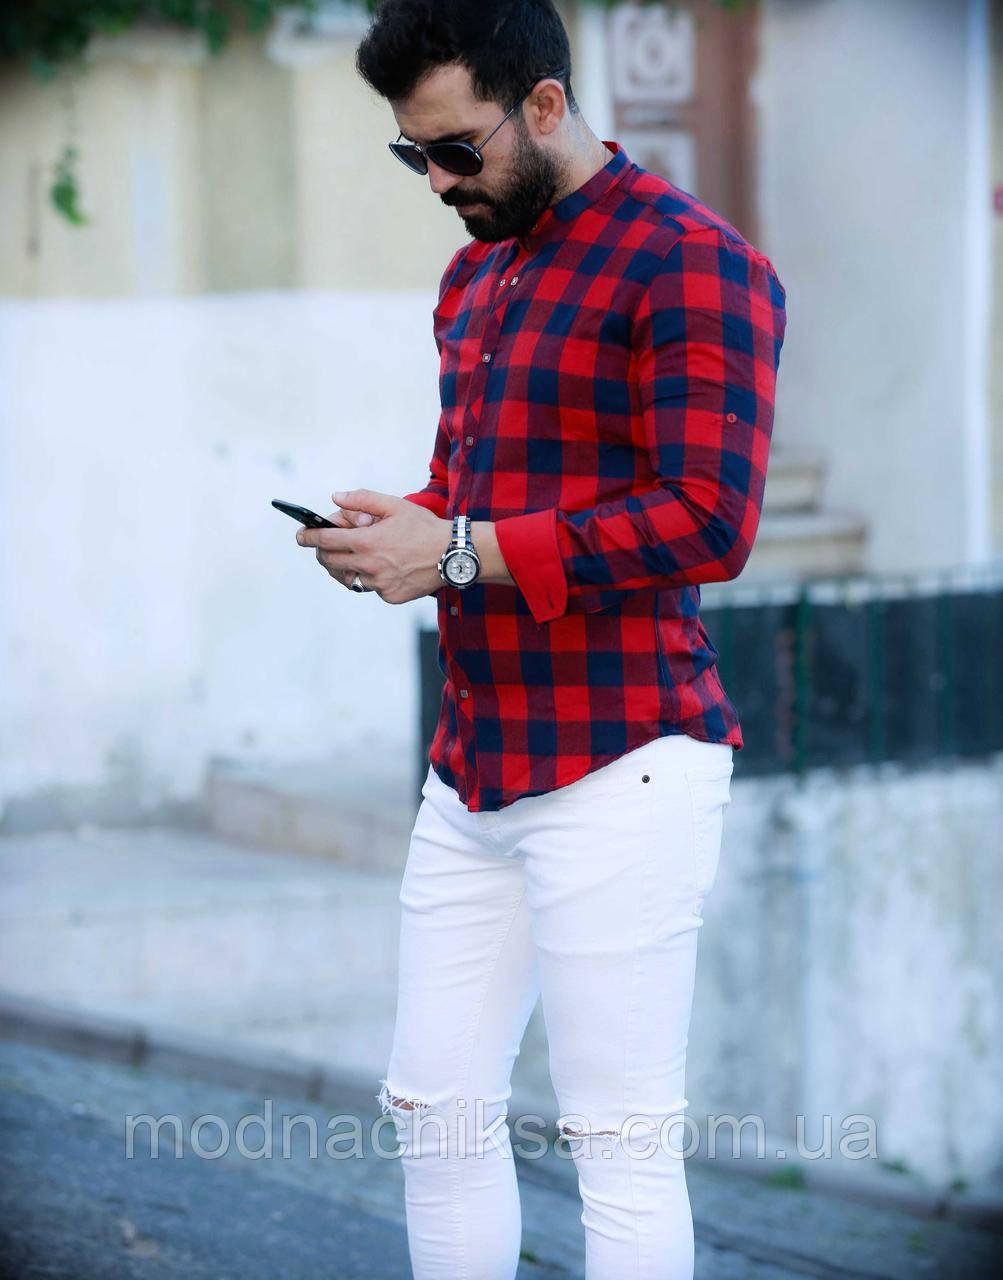 Рубашка длинный рукав утепленная S, L, XL, XXL